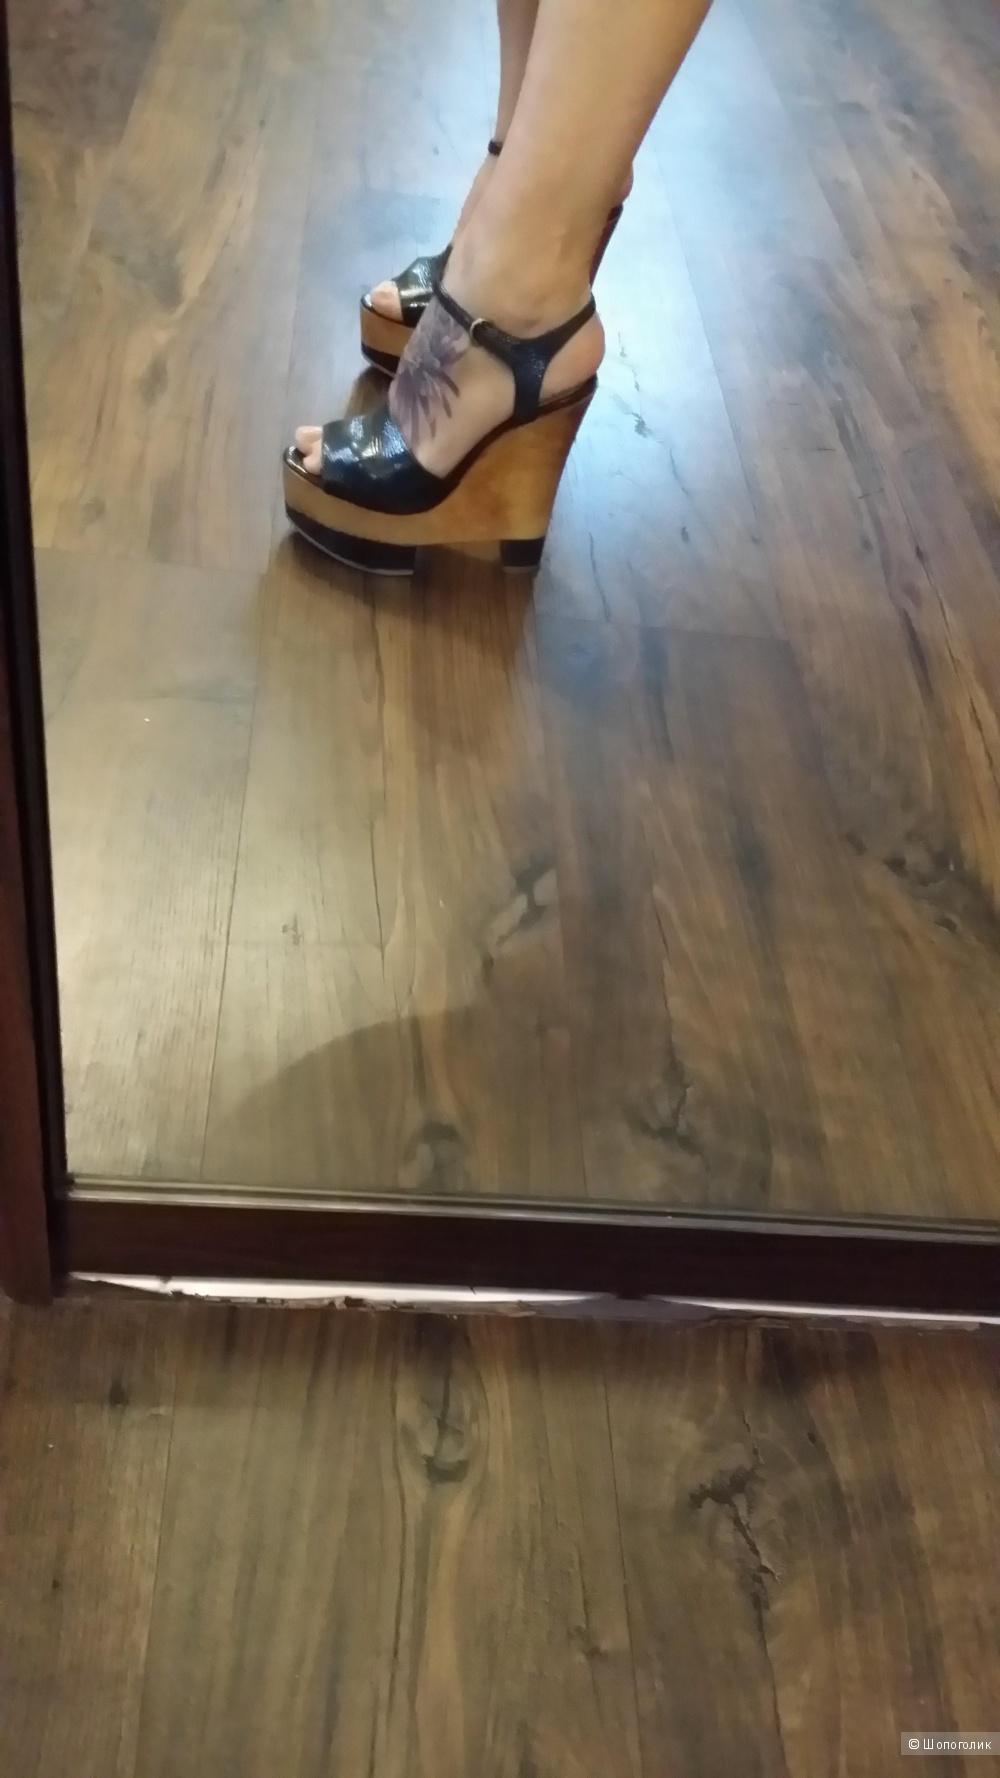 Босоножки кожаные STUDIO TMLS оригинал 38-39 размер